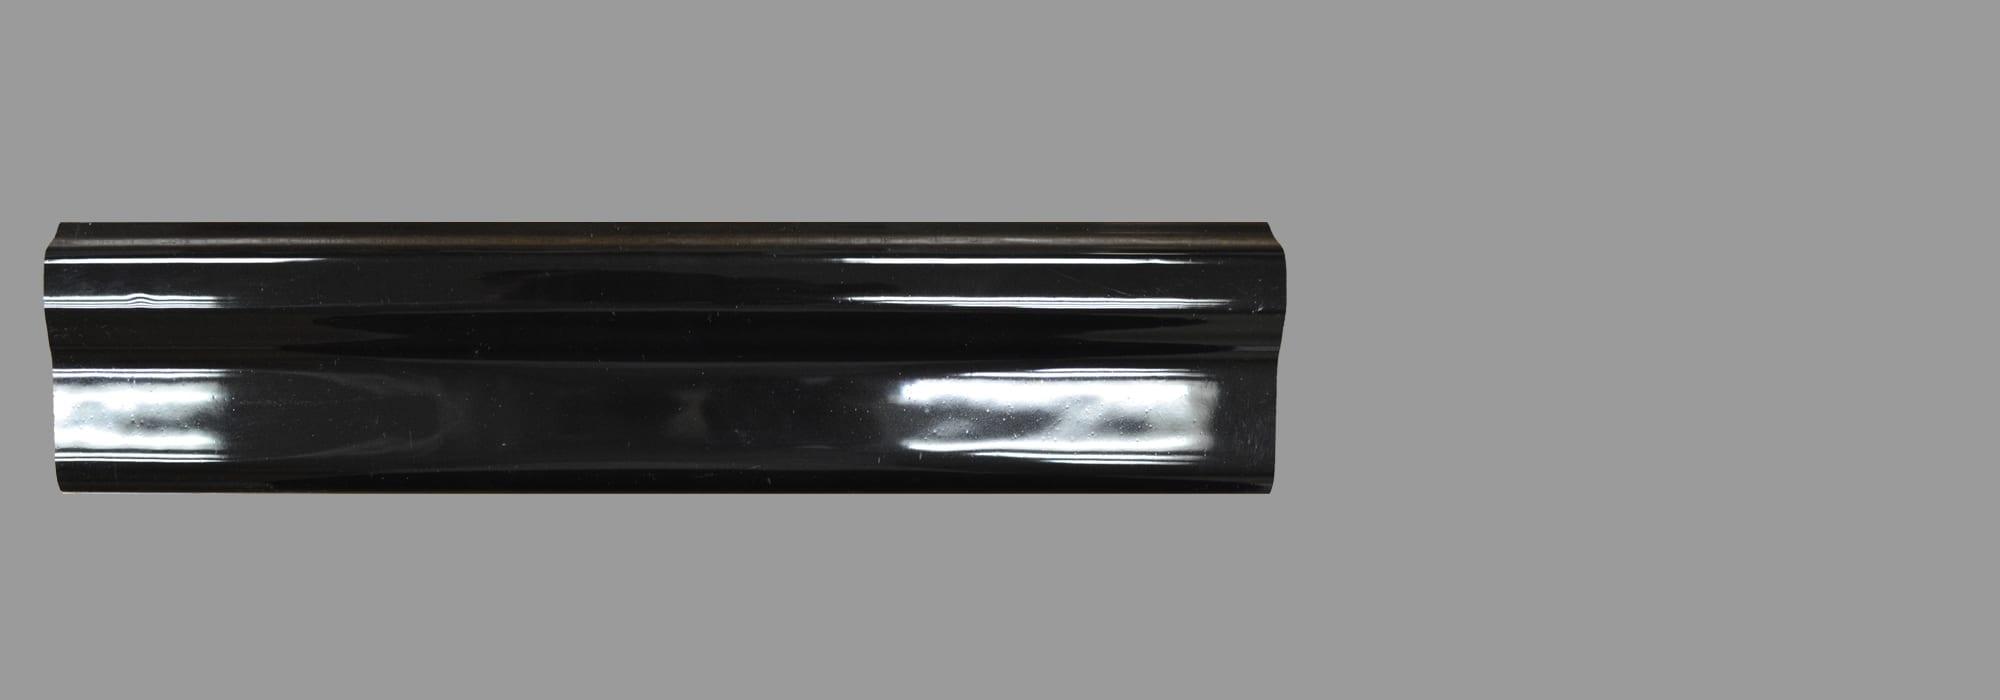 קרניז קרמיקה שחור (דגם 8) 30*5 by Milstone